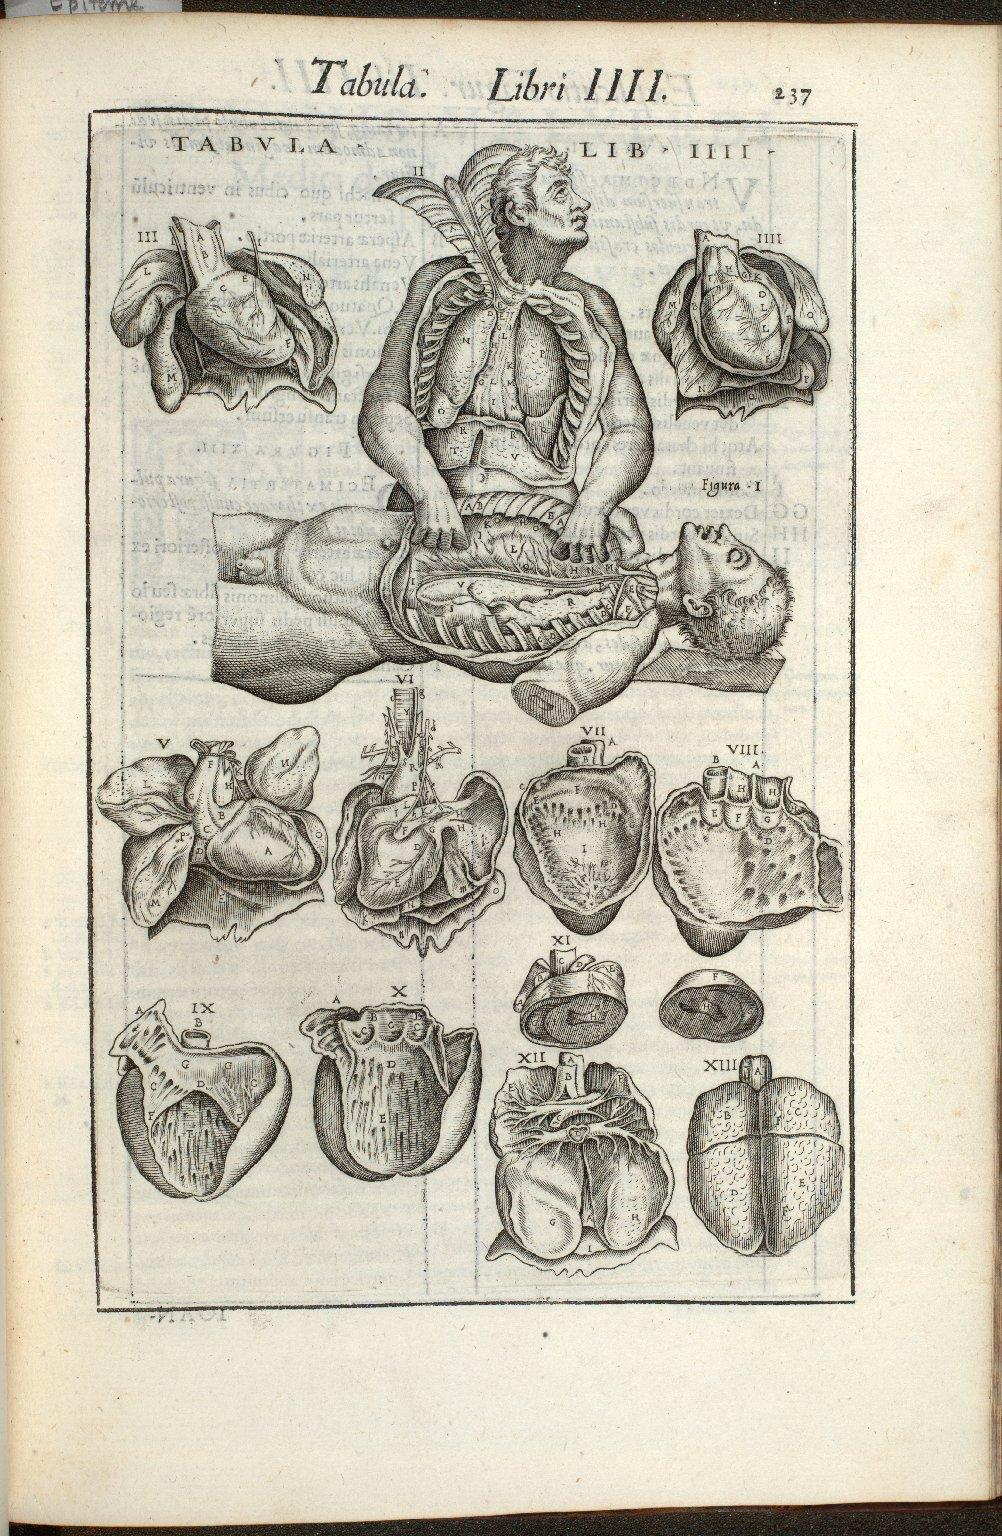 Tabula. Libri IIII